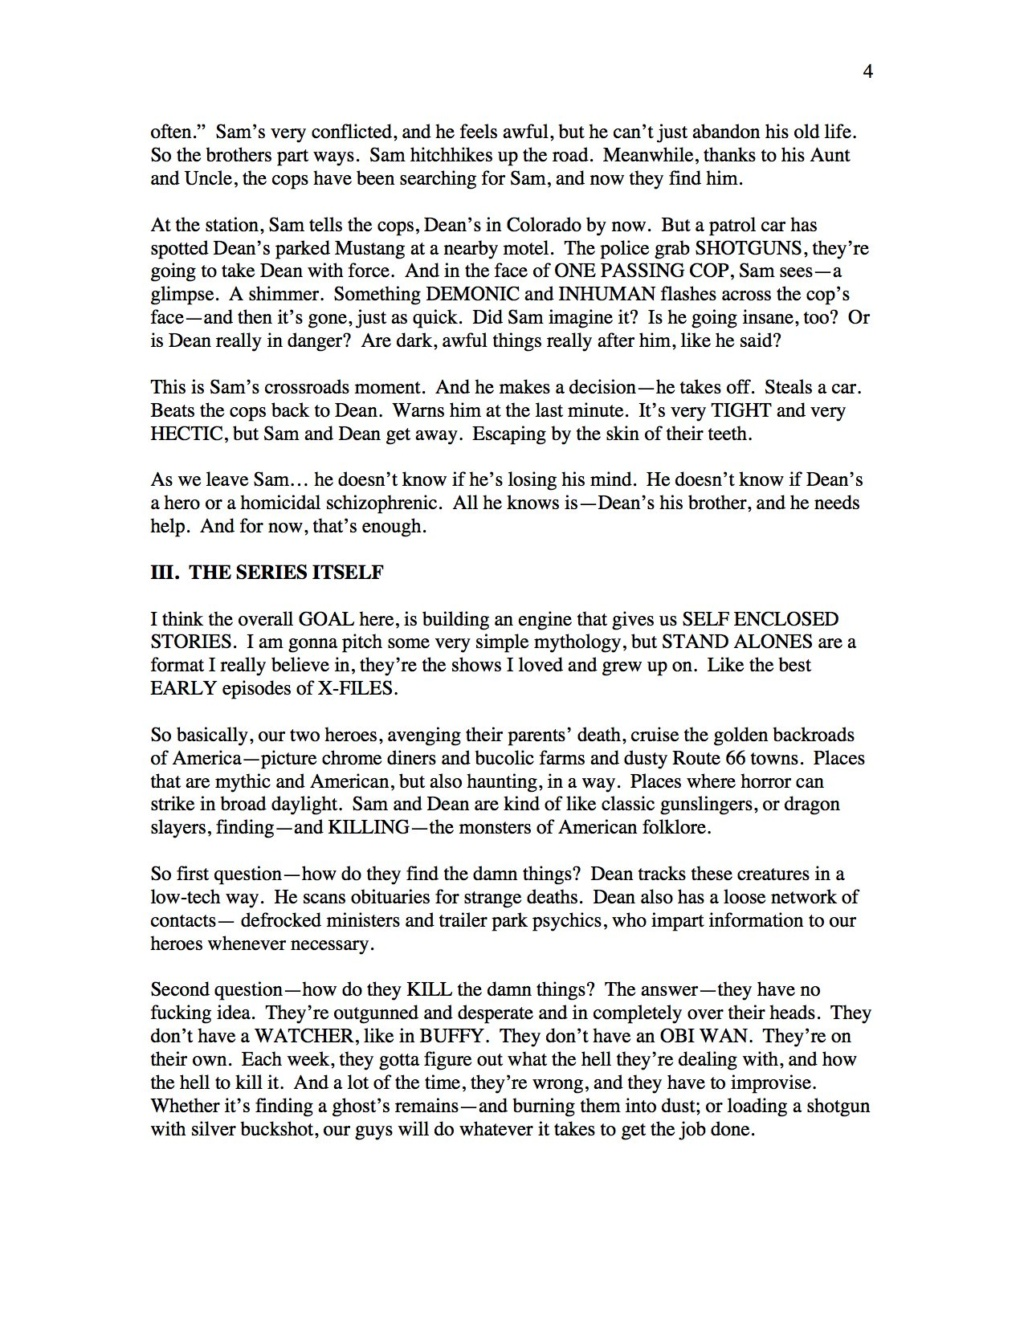 Infos/Questions/Débats divers et variés sur la série - Page 34 Img_2015